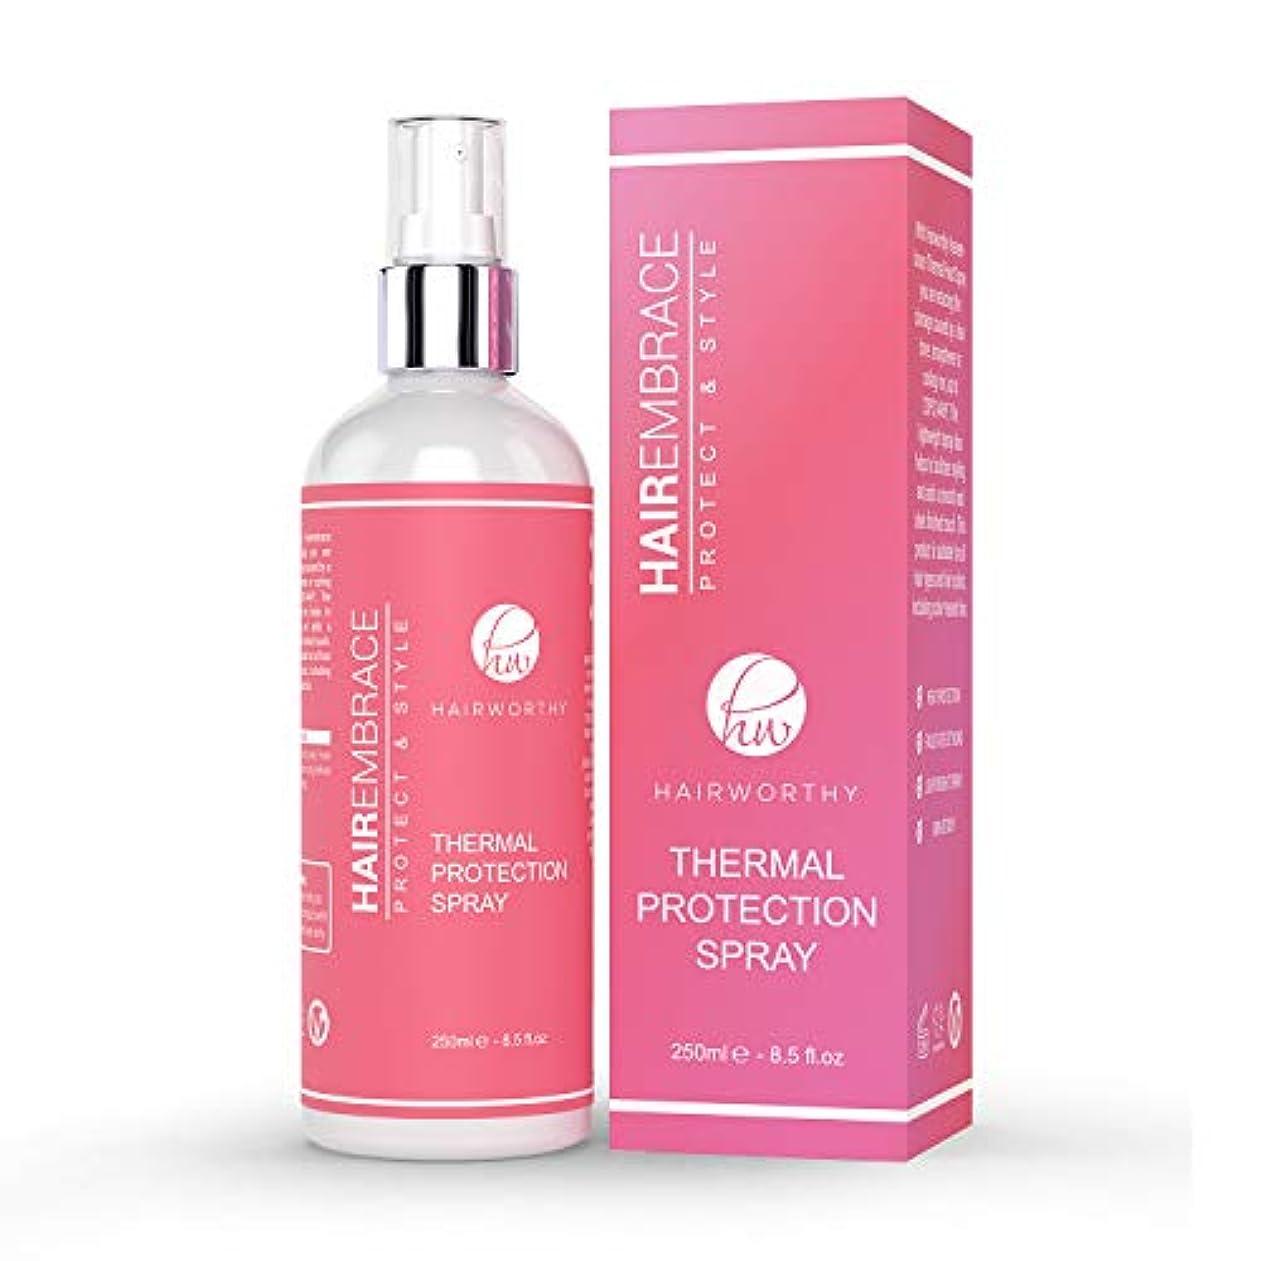 排出さびた一目Hairworthy Hairembrace Heat Protection Spray 熱のスタイリングのための熱保護スプレー。あなたの髪、アンチ縮れ、プロテクト & スタイルに輝きを復元します。